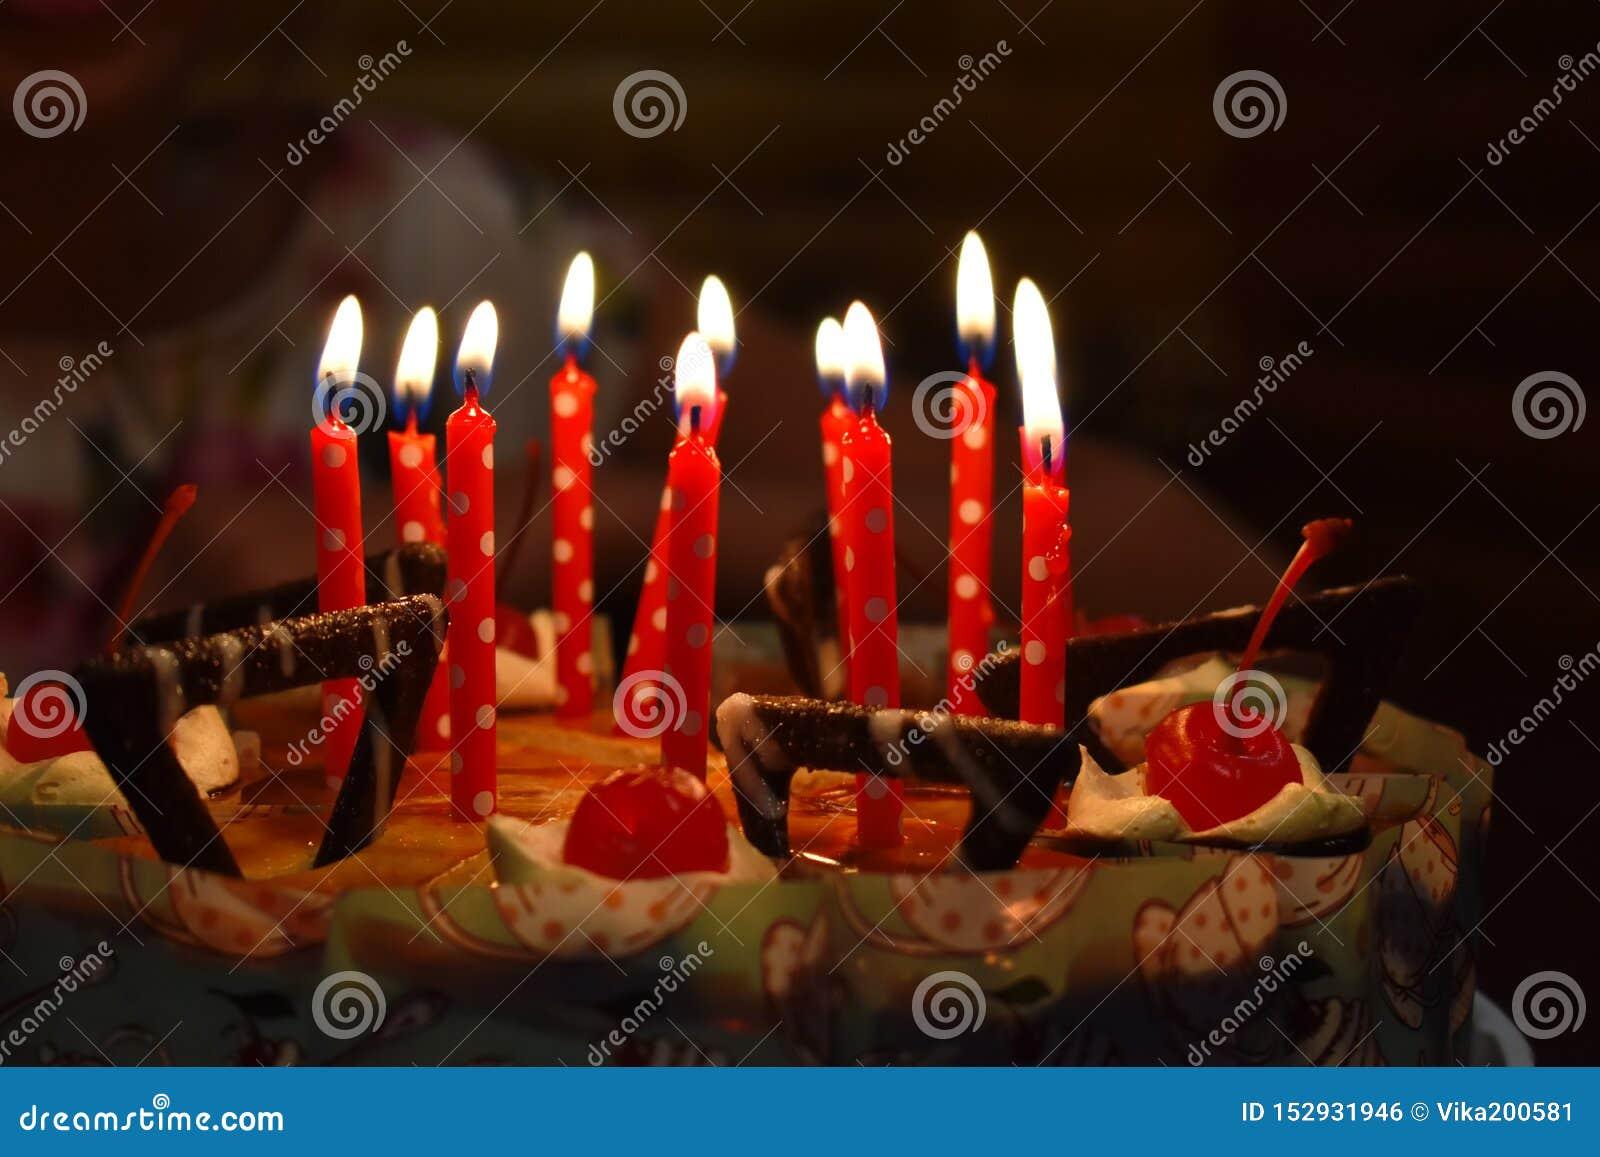 与蜡烛的欢乐巧克力蛋糕